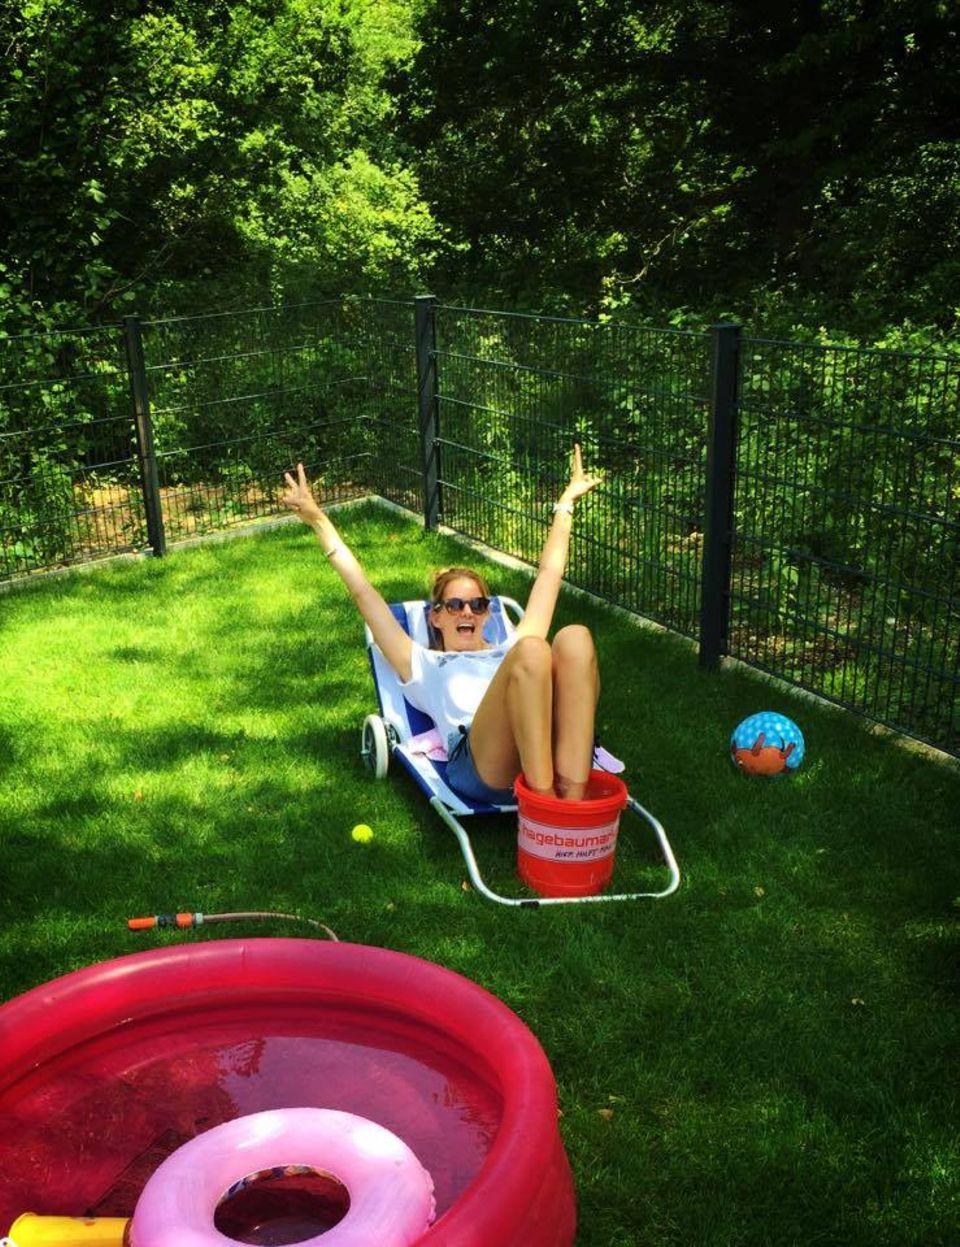 """Die bürgerliche Garten-Abkühlungsvariante stellt uns Monica Ivancan vor: Und schreibt dazu ganz süß:   """"Wer braucht nen Swimmingpool wenn man einen Eimer haben kann!!!! Passt auf Euch auf und trinkt genügend Wasser heute.  Bussi Moni Meier"""""""